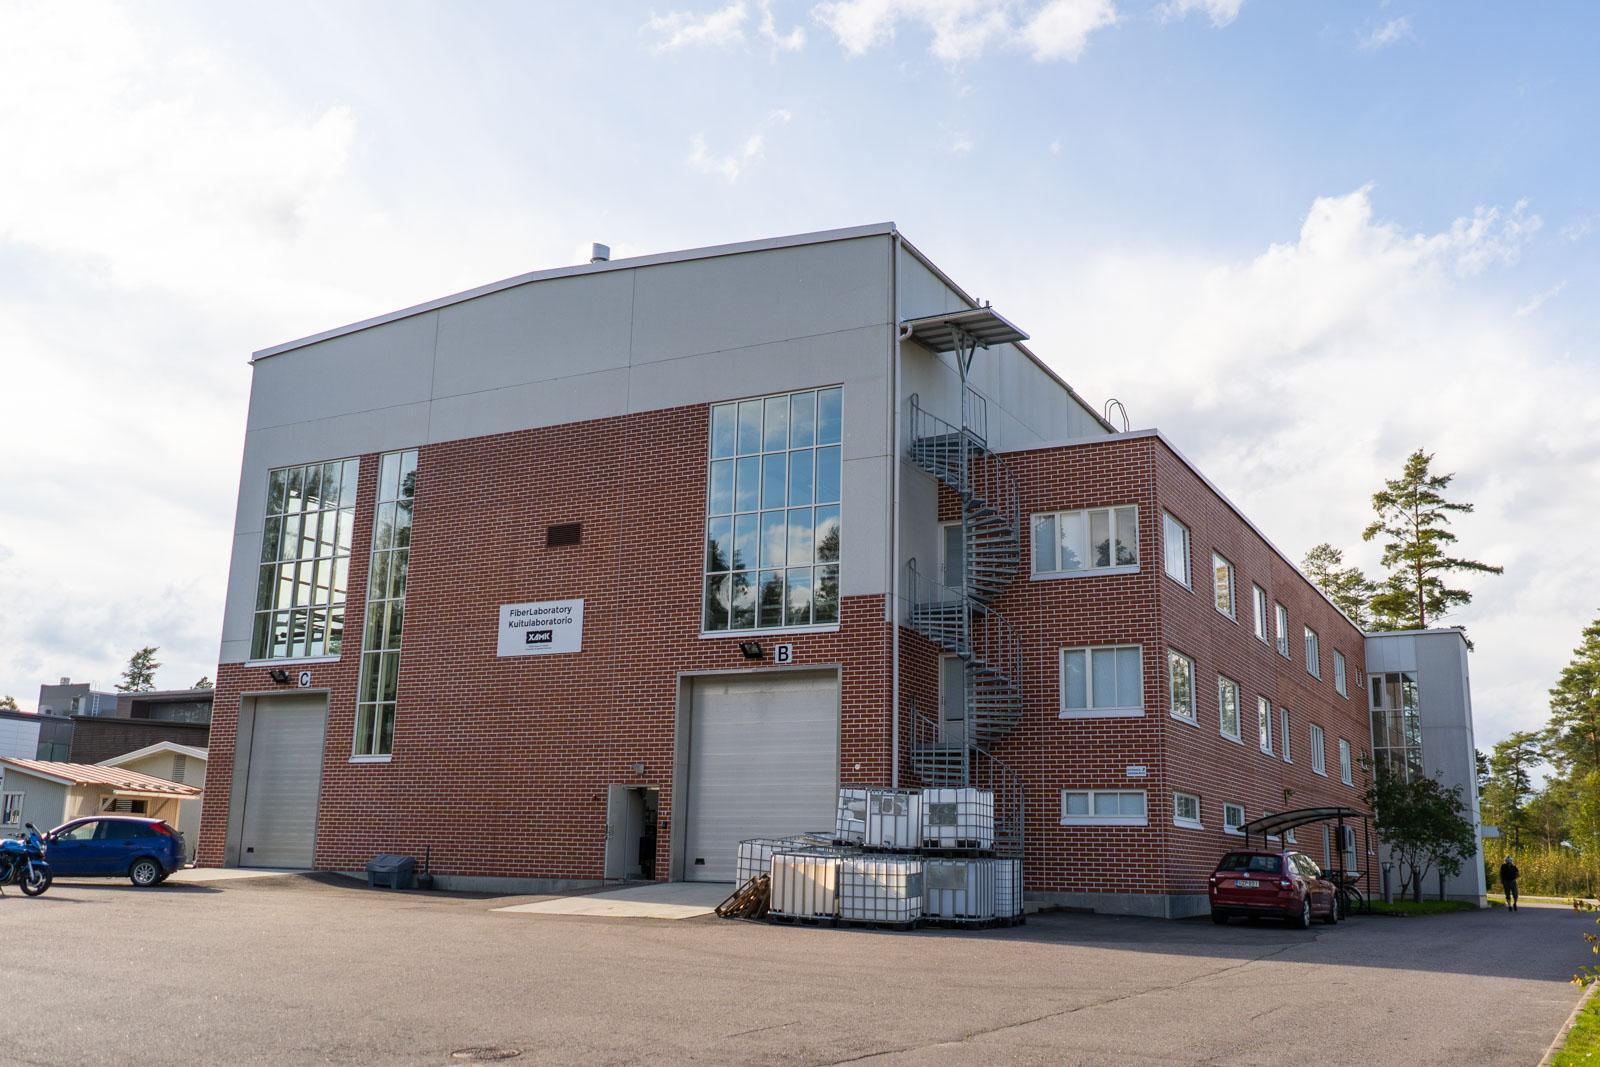 Xamk Kuitulaboratoriosta uutta mittaustekniikkaa biopolttoaineiden valmistukseen